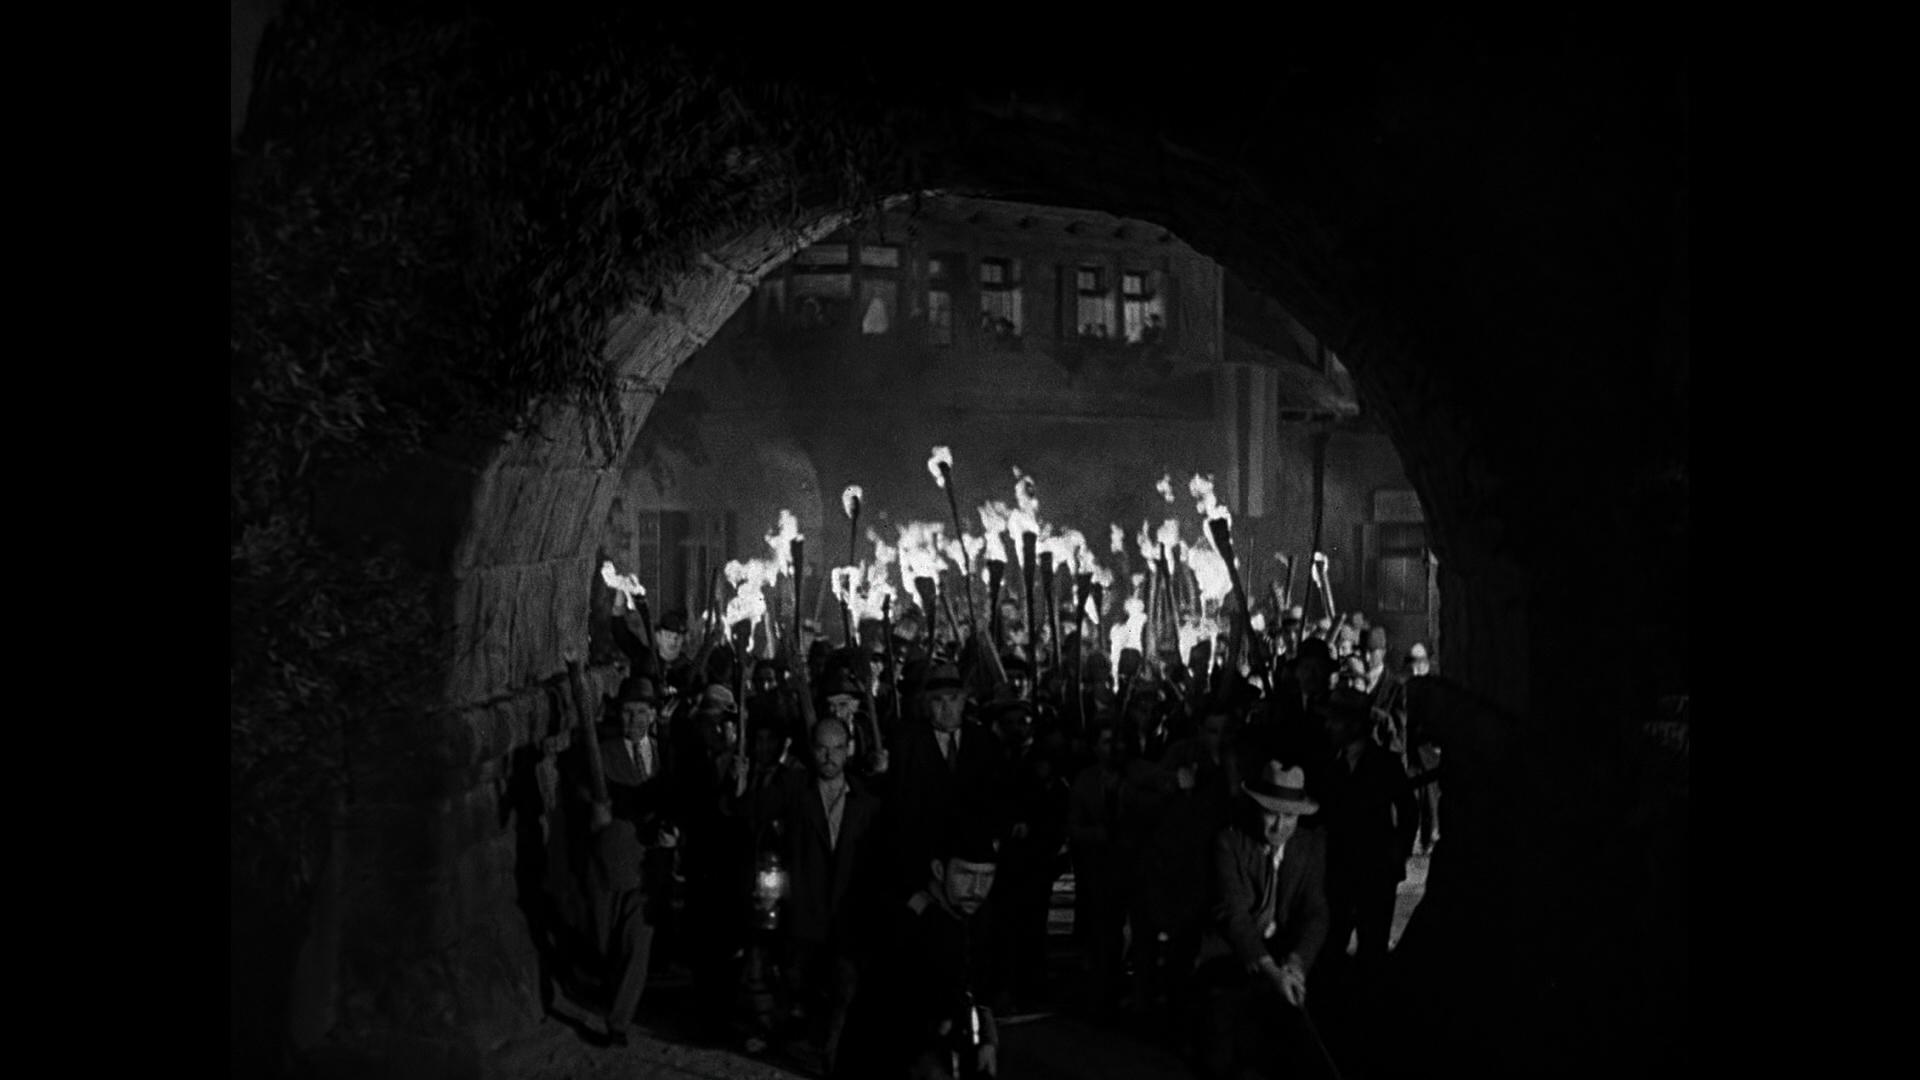 frankenstein-angry-mob_10.jpg